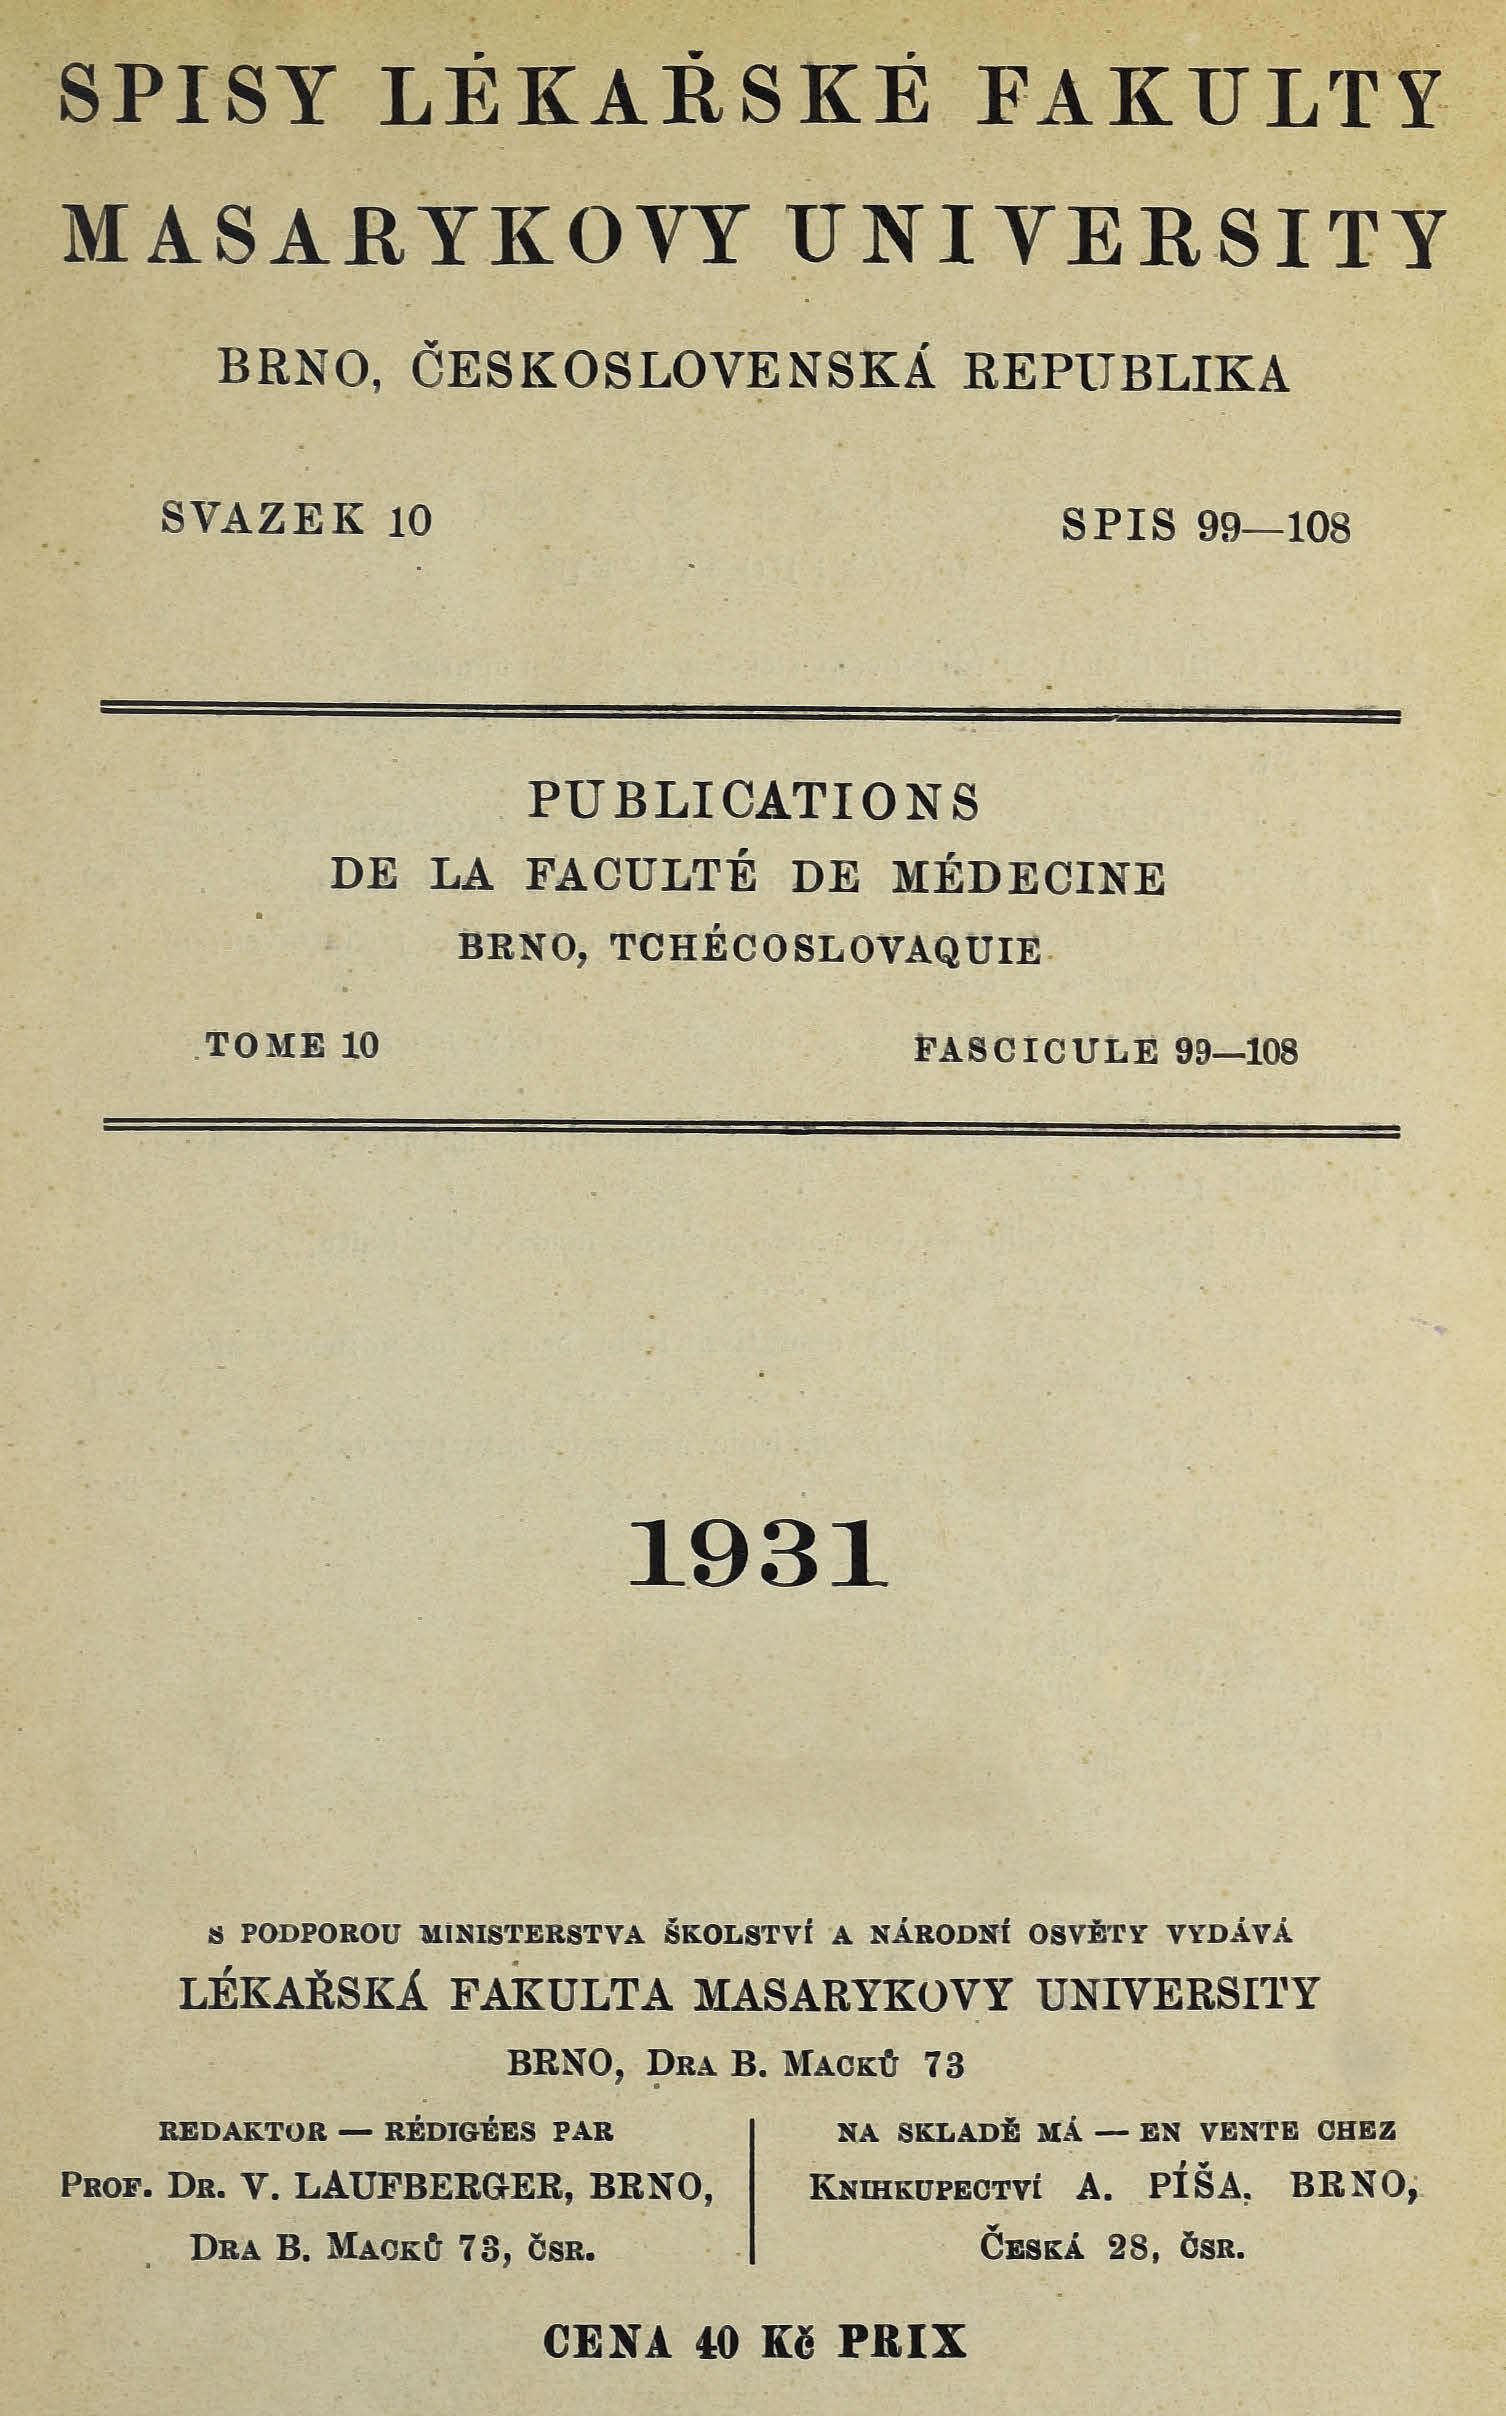 Obálka pro Spisy Lékařské fakulty, svazek 10. Intro